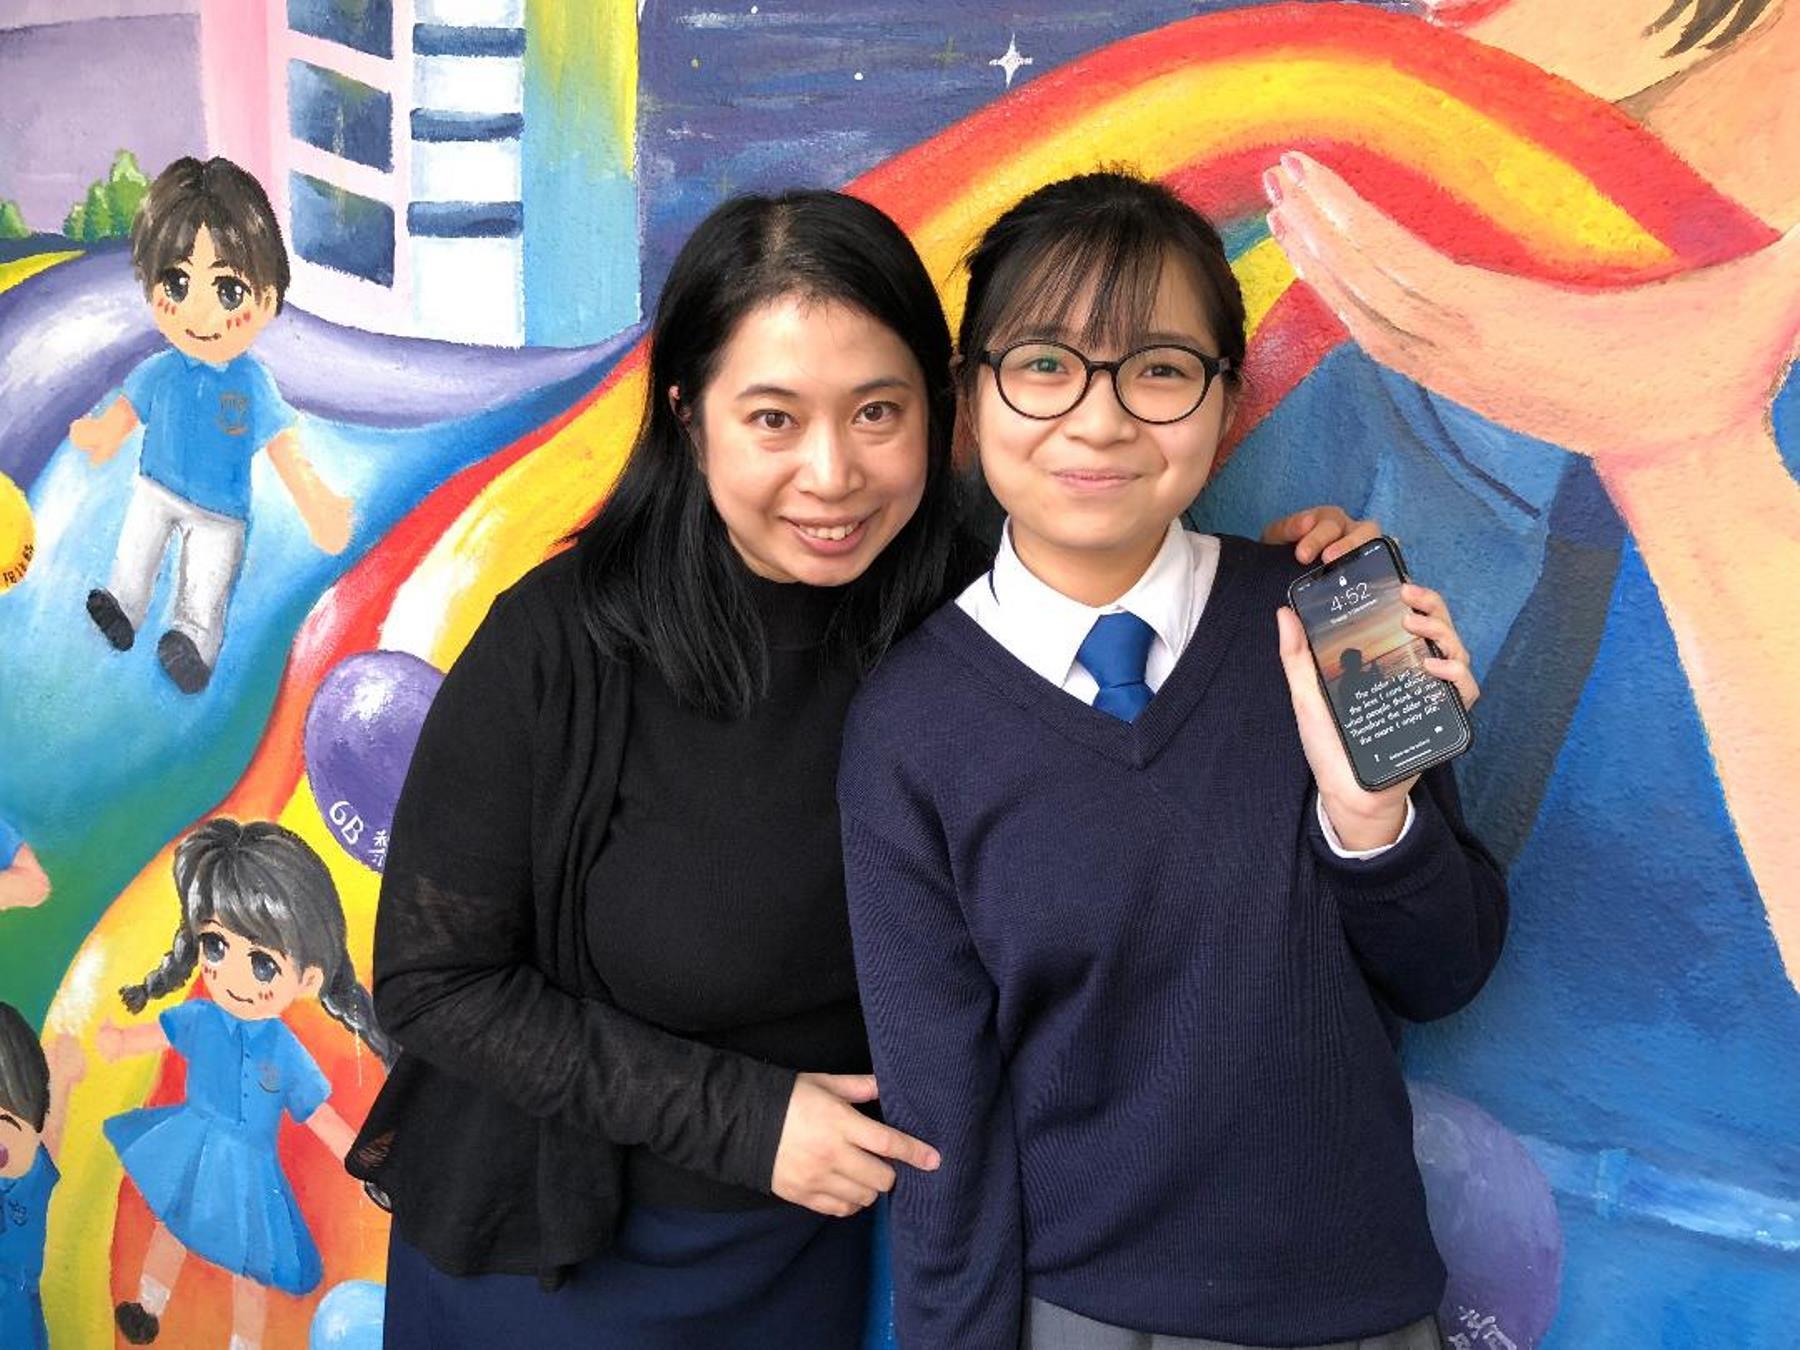 http://npc.edu.hk/sites/default/files/thumbnail_17.jpg